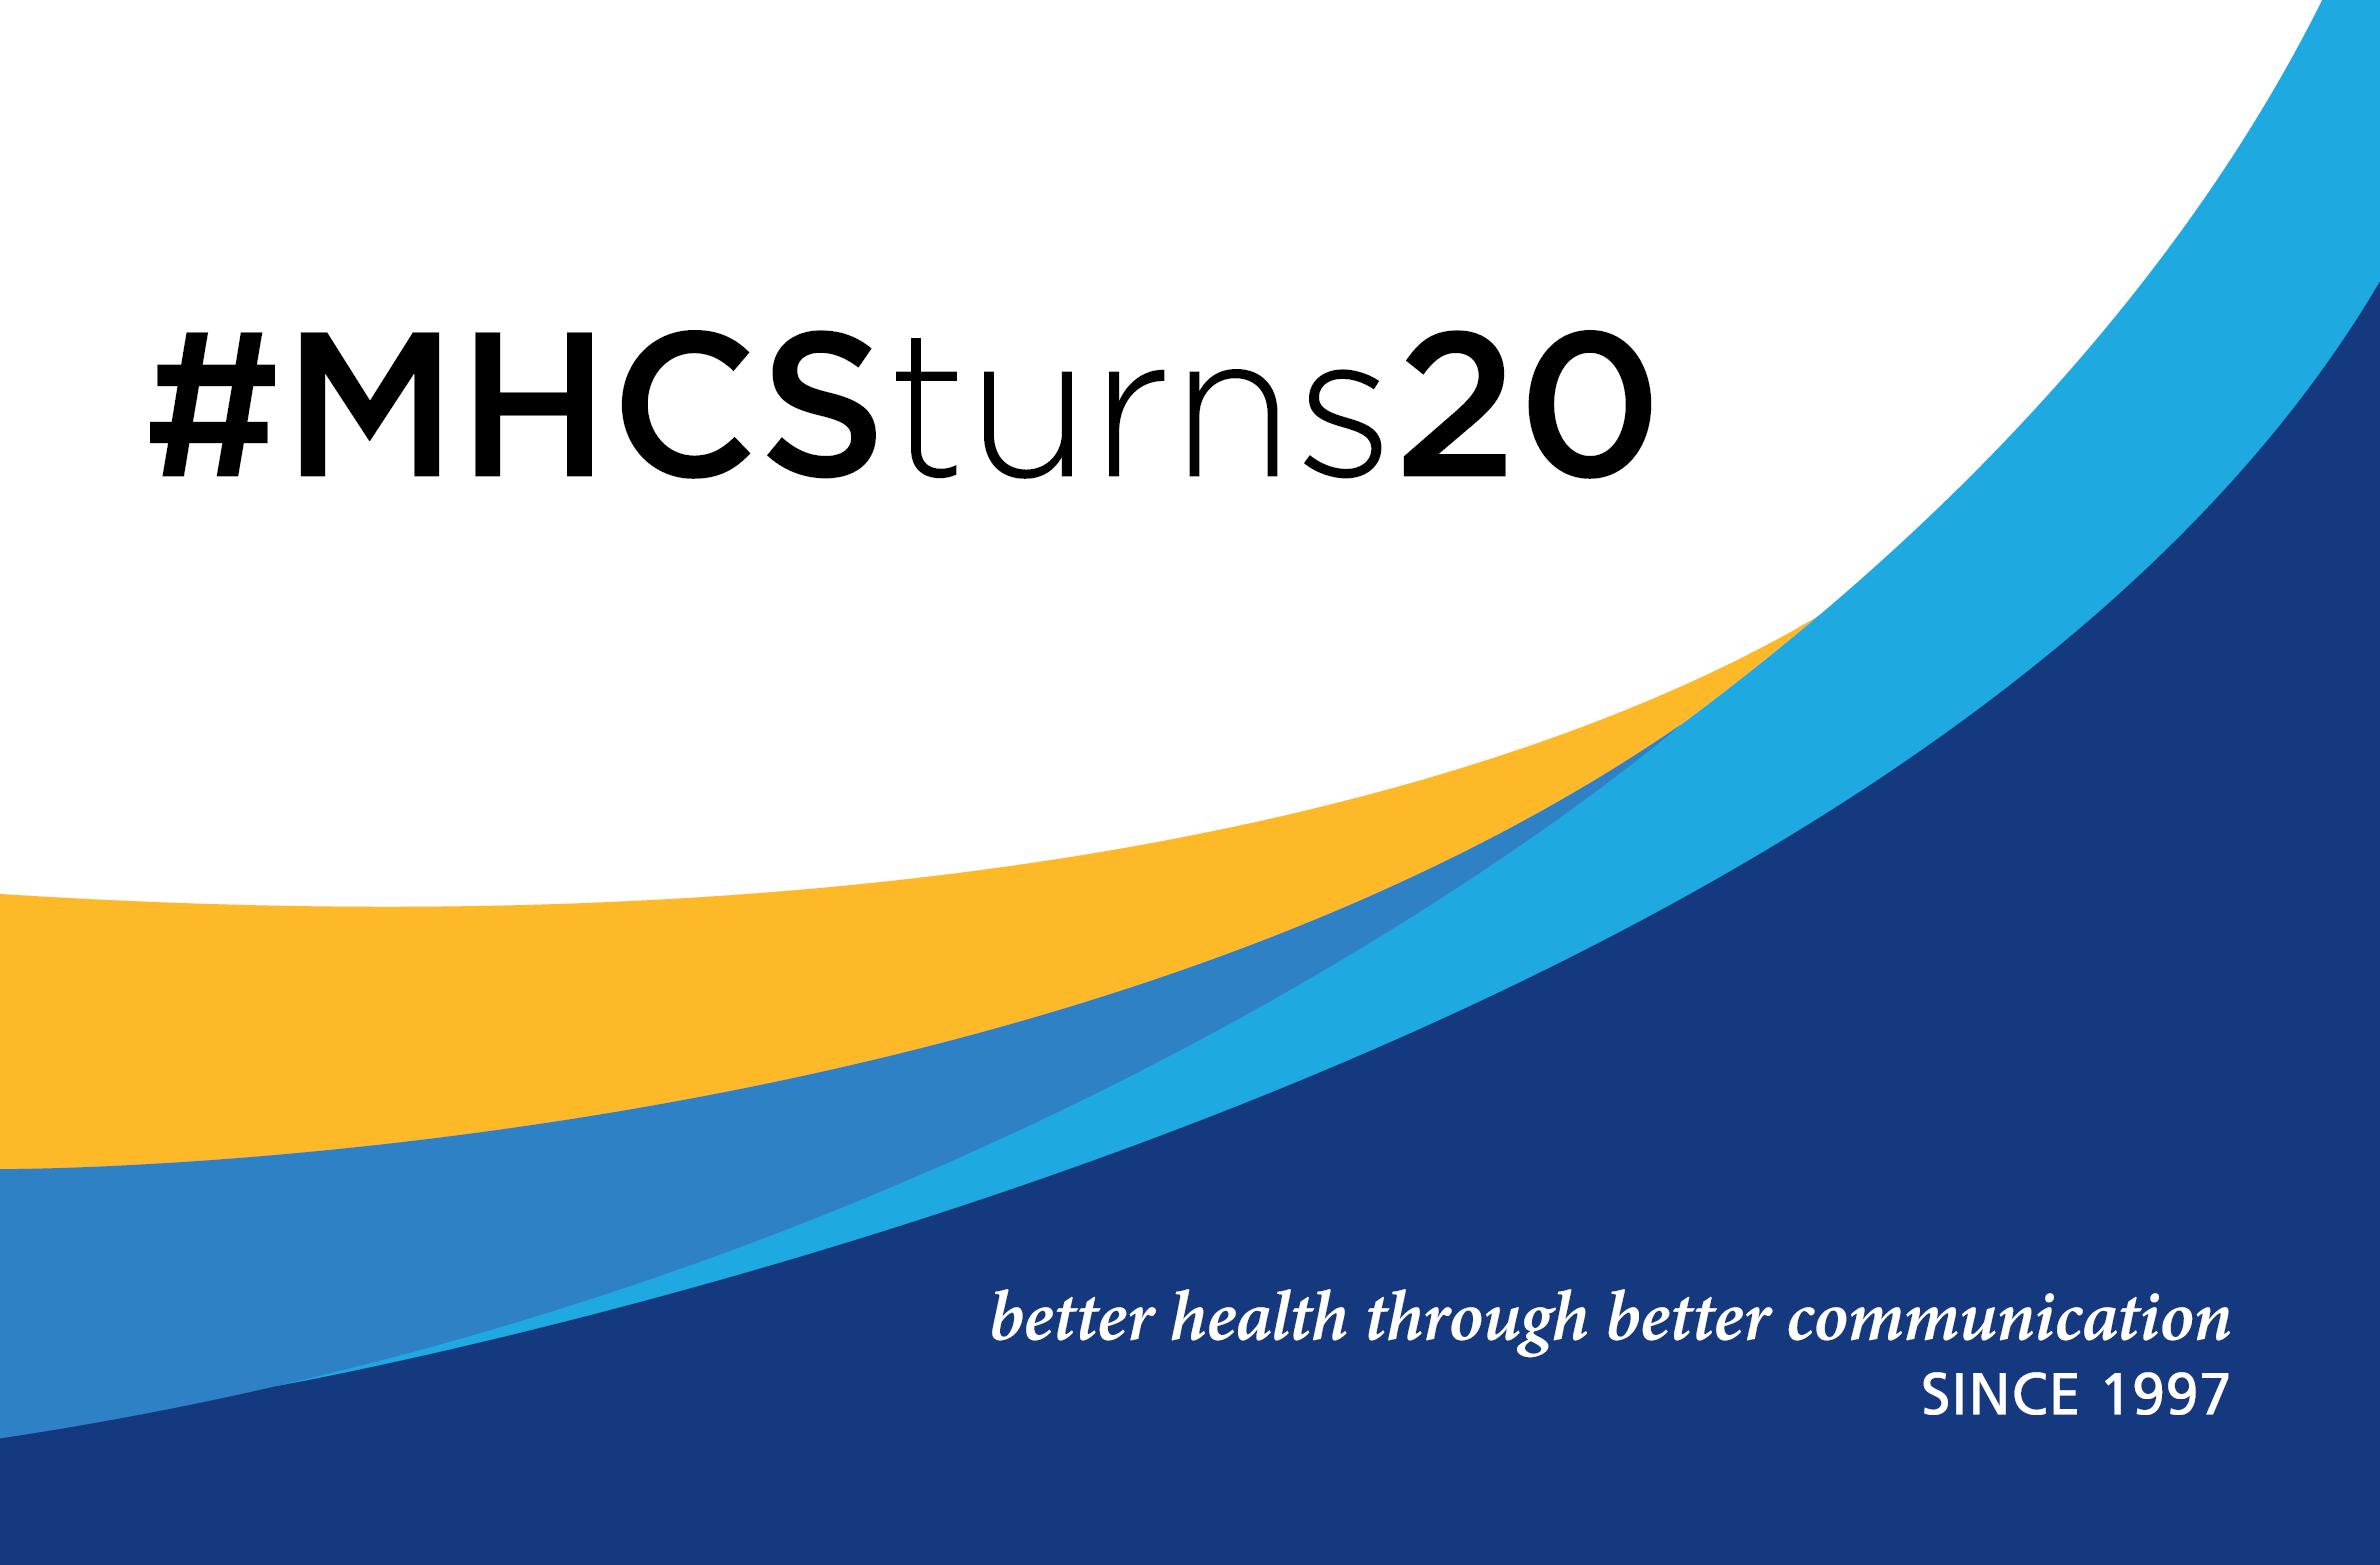 MHCSturns20